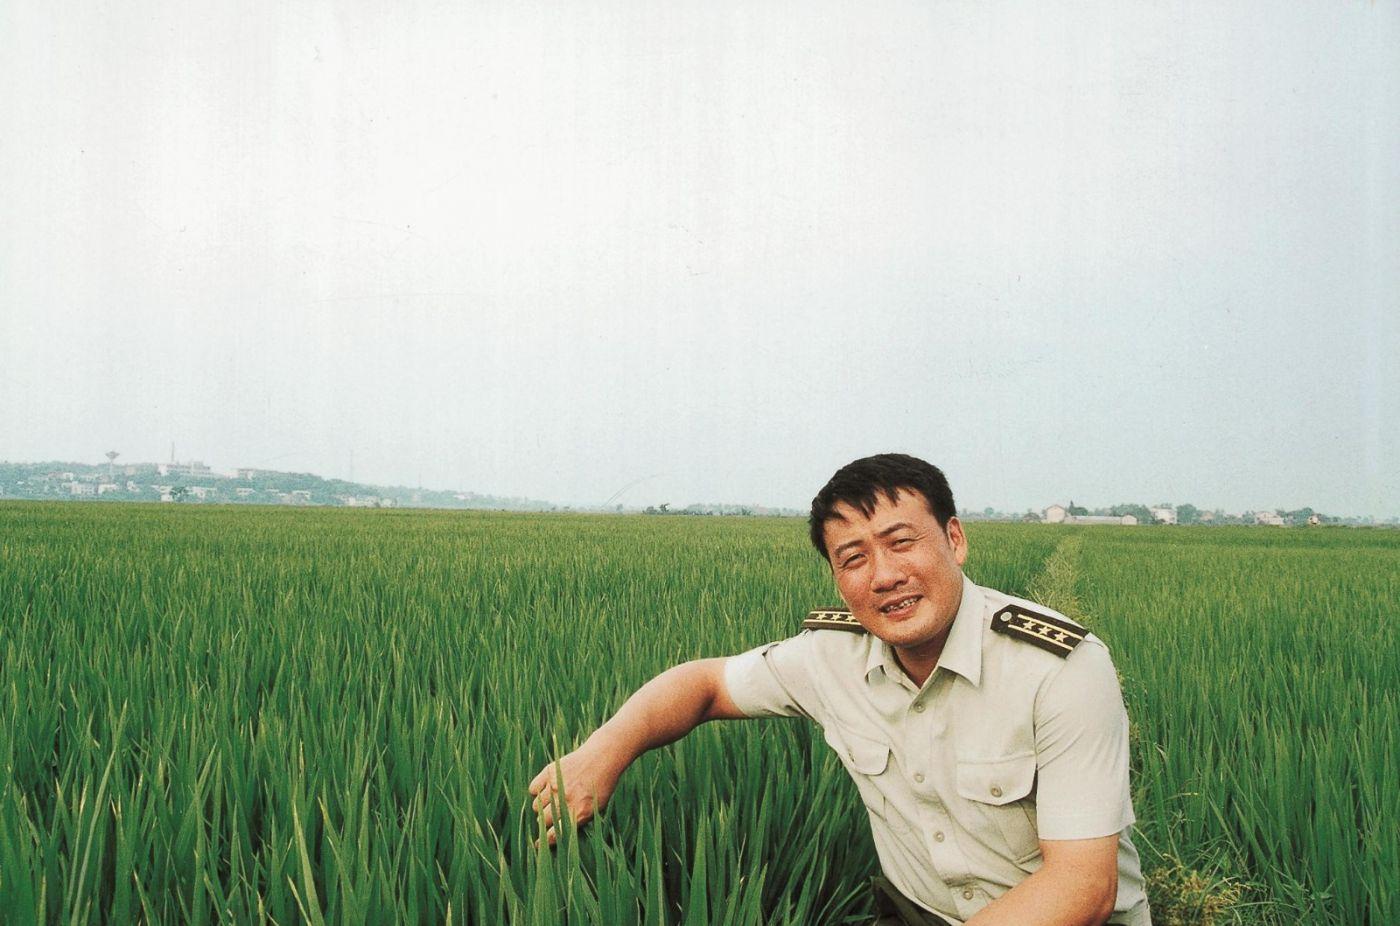 喝水不忘挖井人  吃饭不忘袁隆平_图1-2